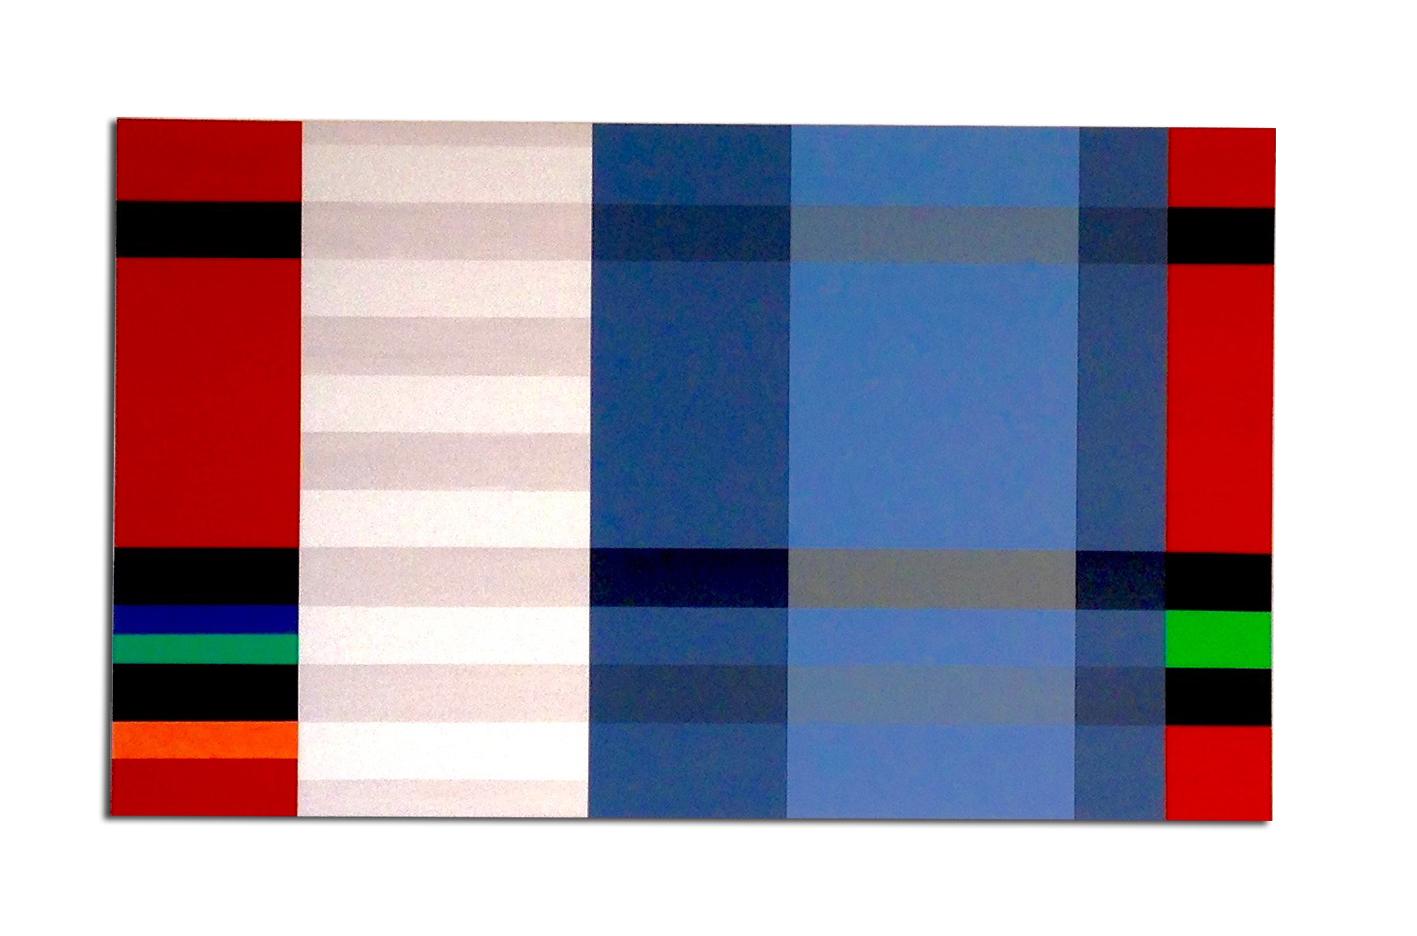 Acrylique sur toile - 80 x 120 x 4cm